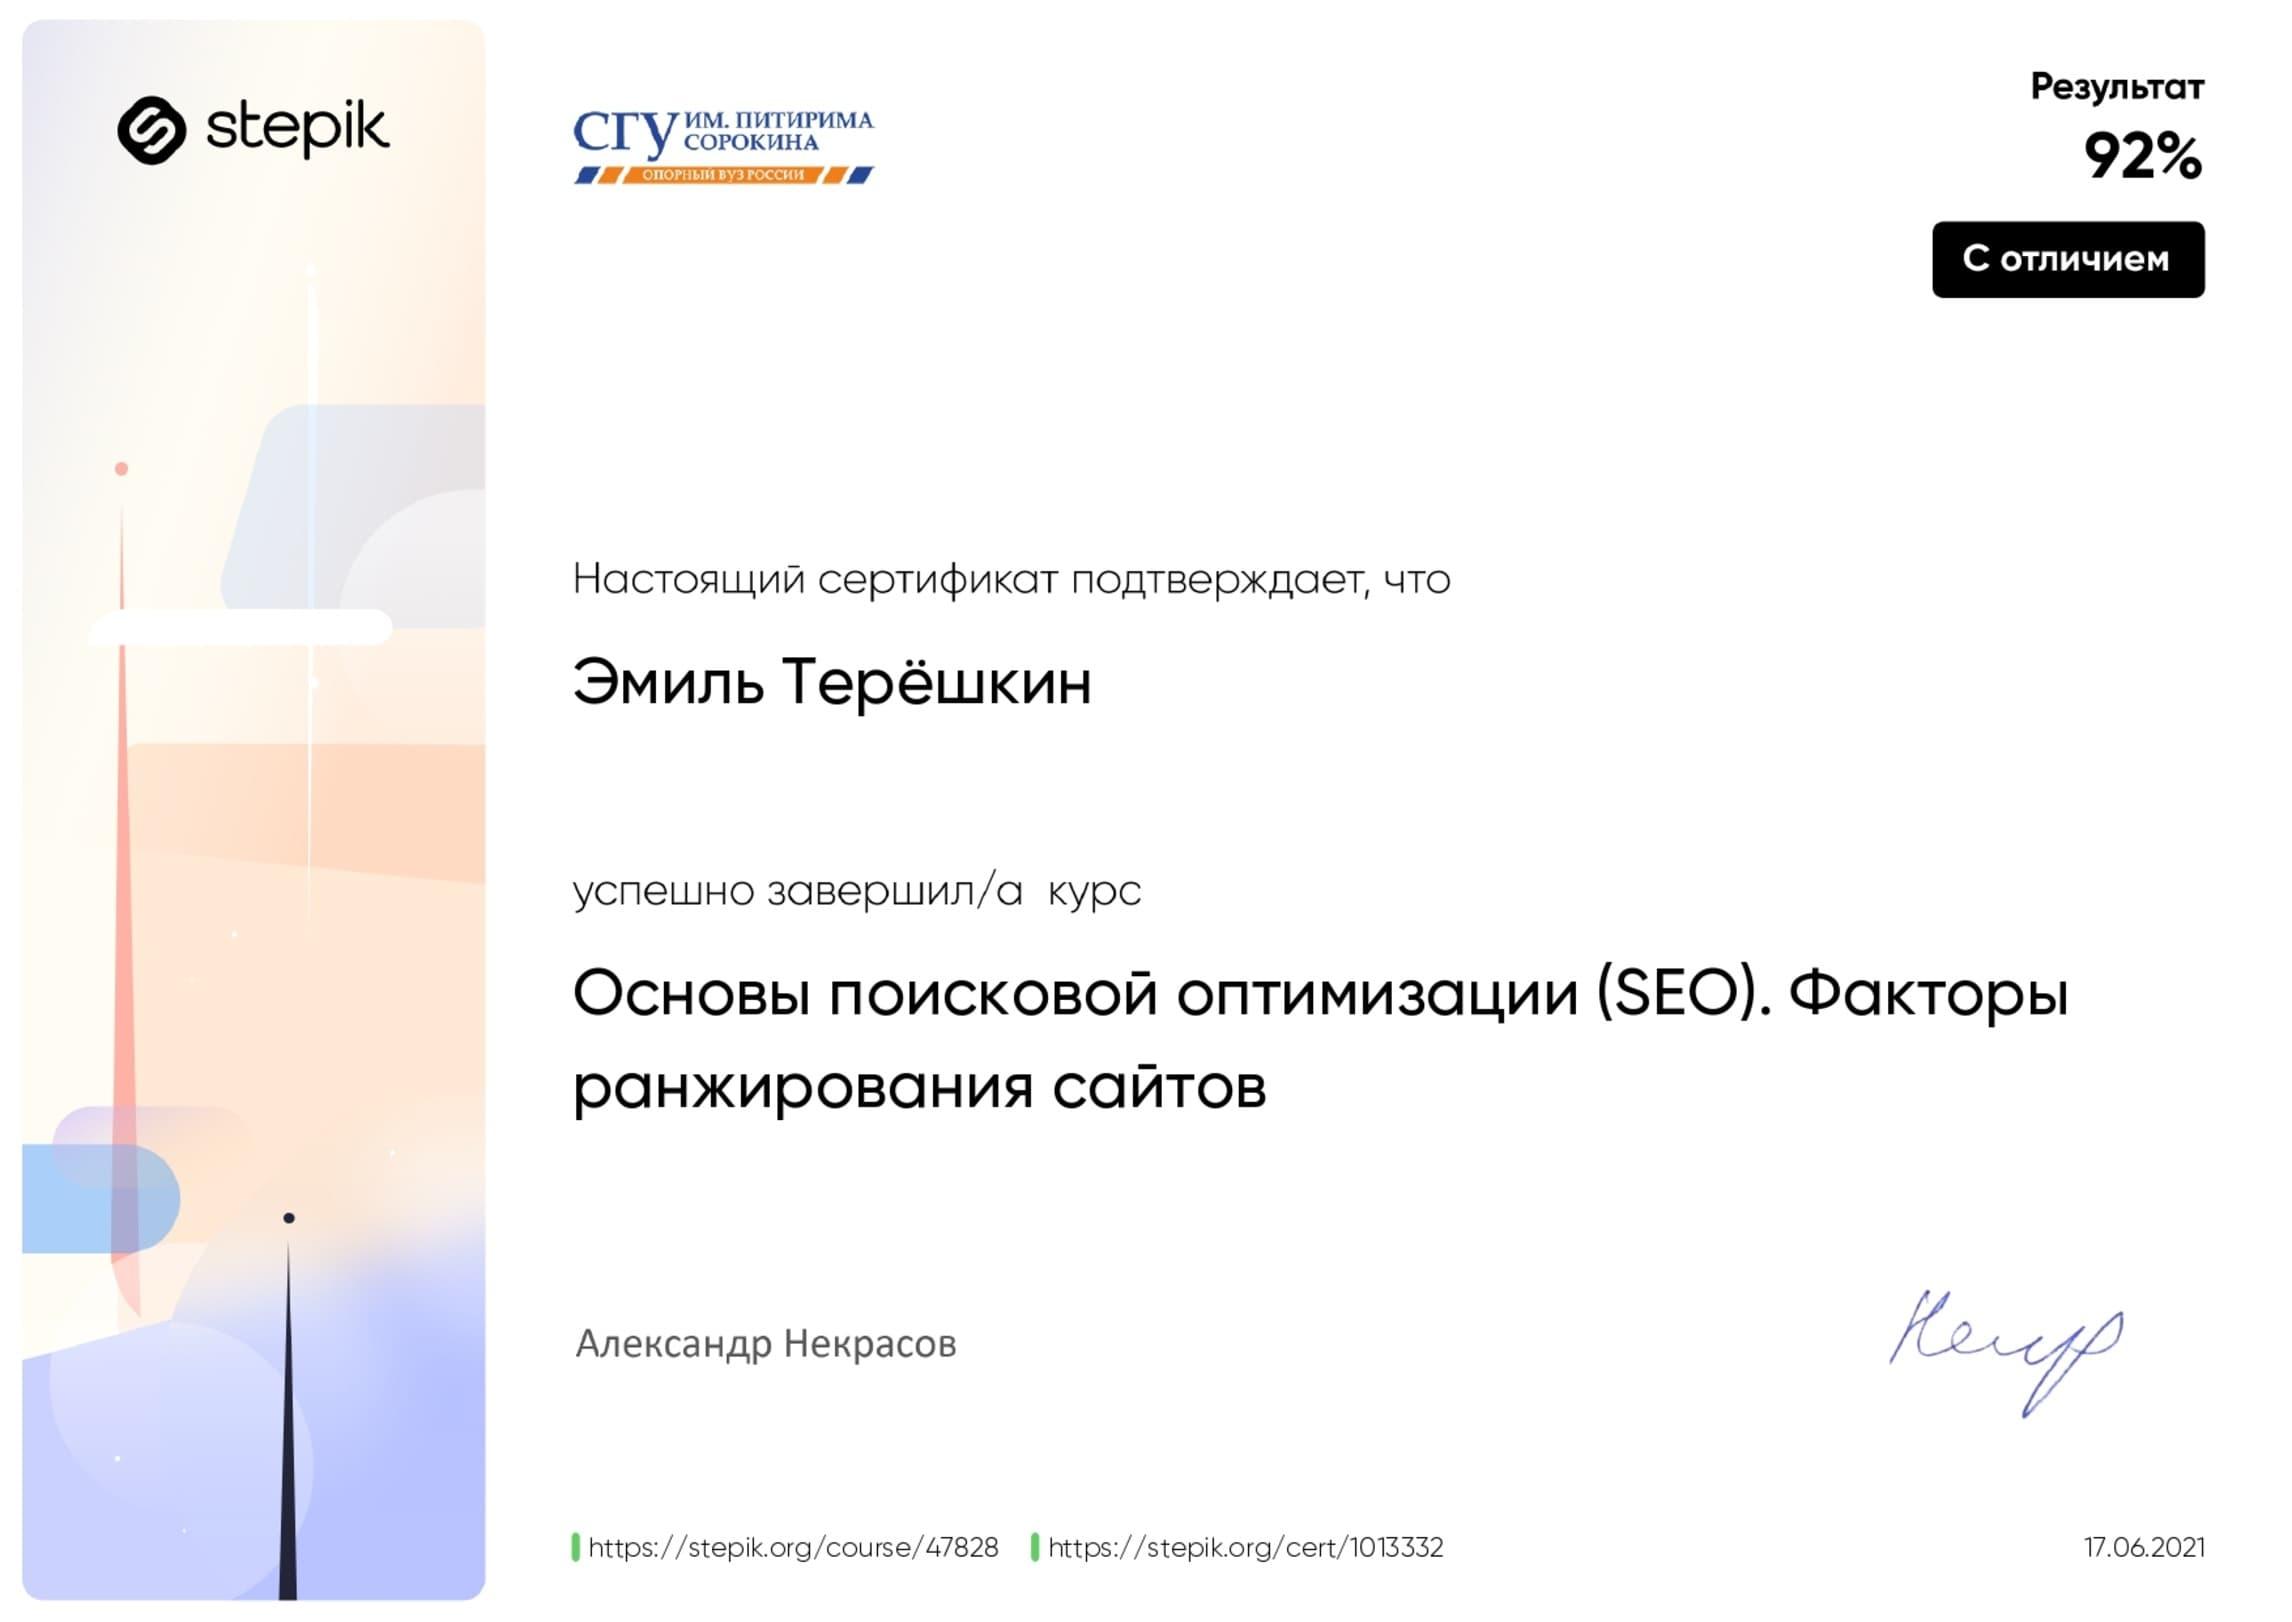 Сертификат Эмиль Терешкин